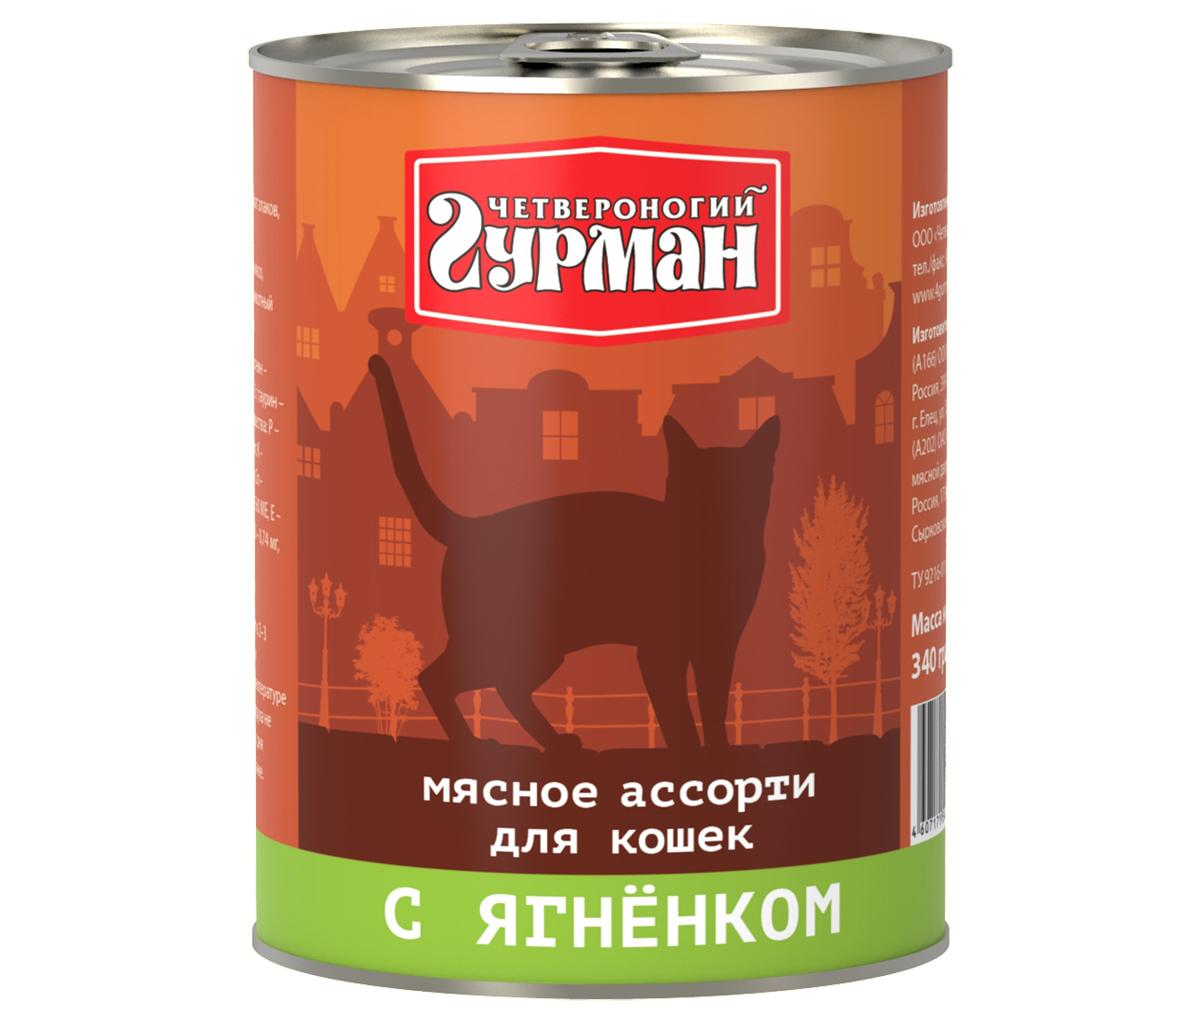 Консервы для кошек Четвероногий гурман Мясное ассорти, с ягненком, 340 г консервы для собак четвероногий гурман мясное ассорти с сердцем 340 г 103109012